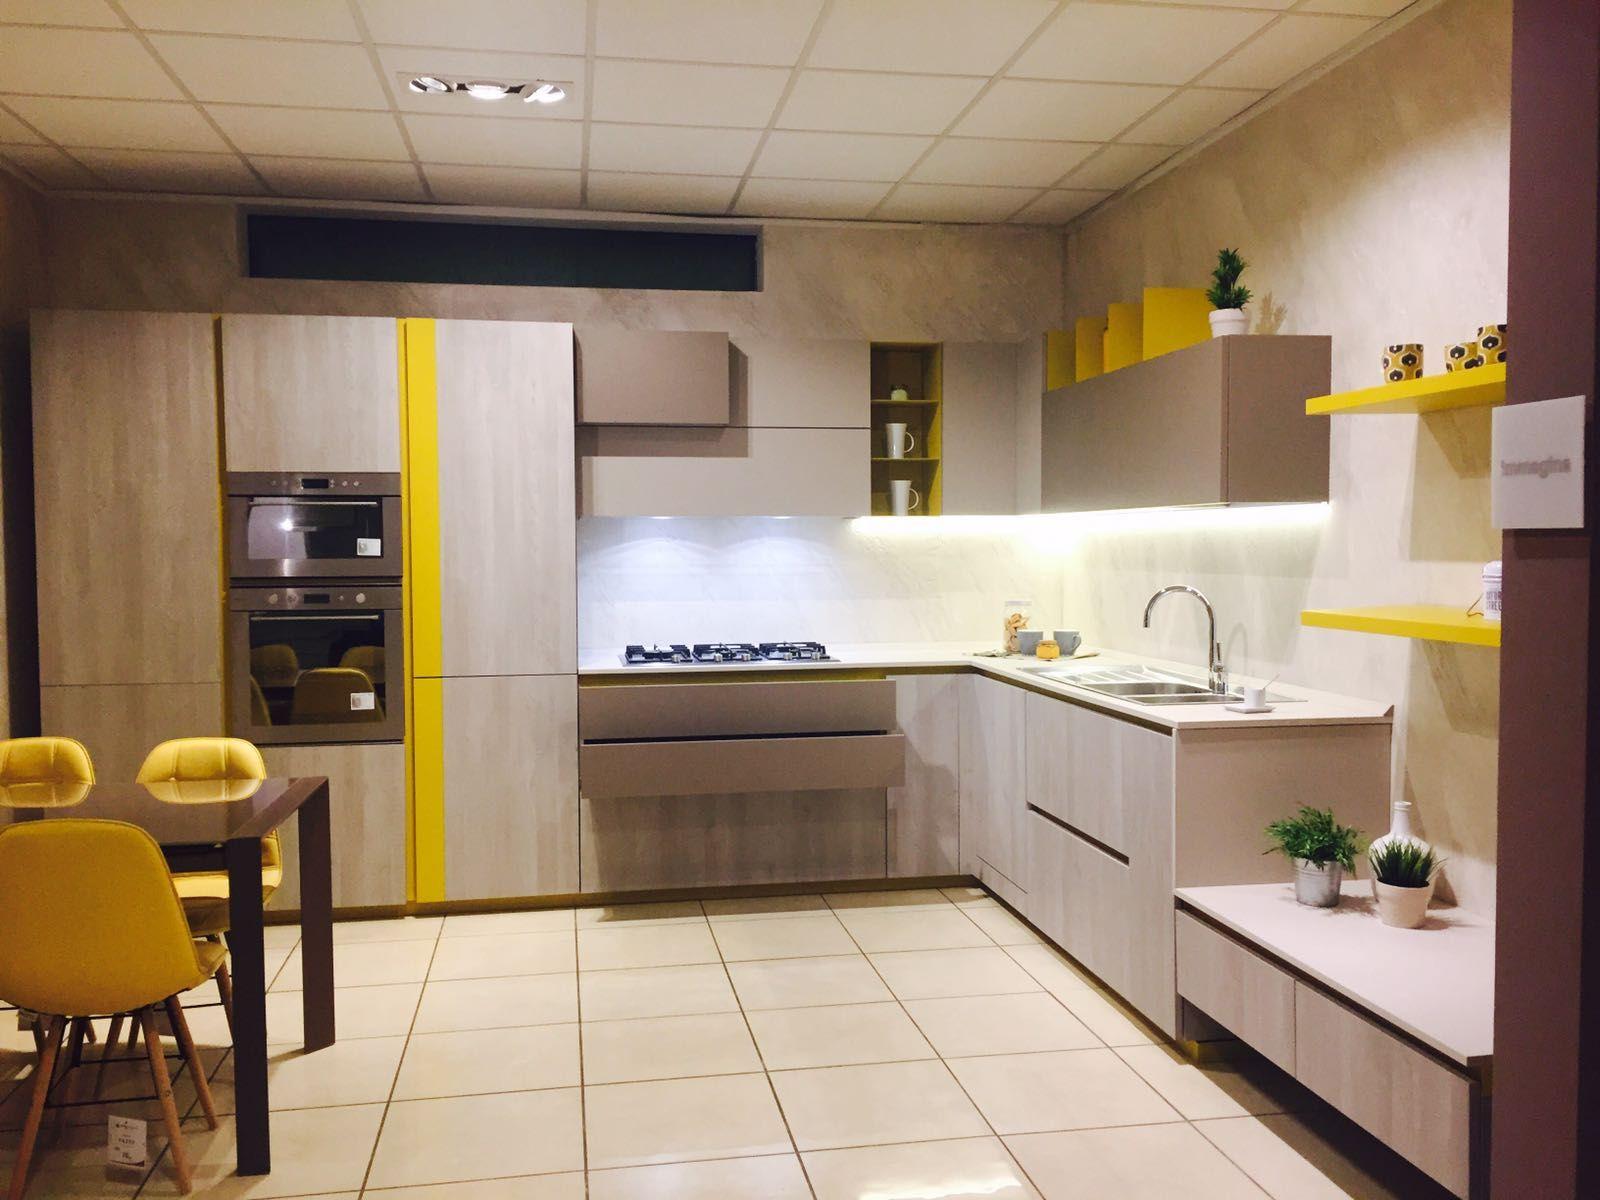 In #cucina con Immagina di Cucine LUBE nella versione Abete Grigio ...